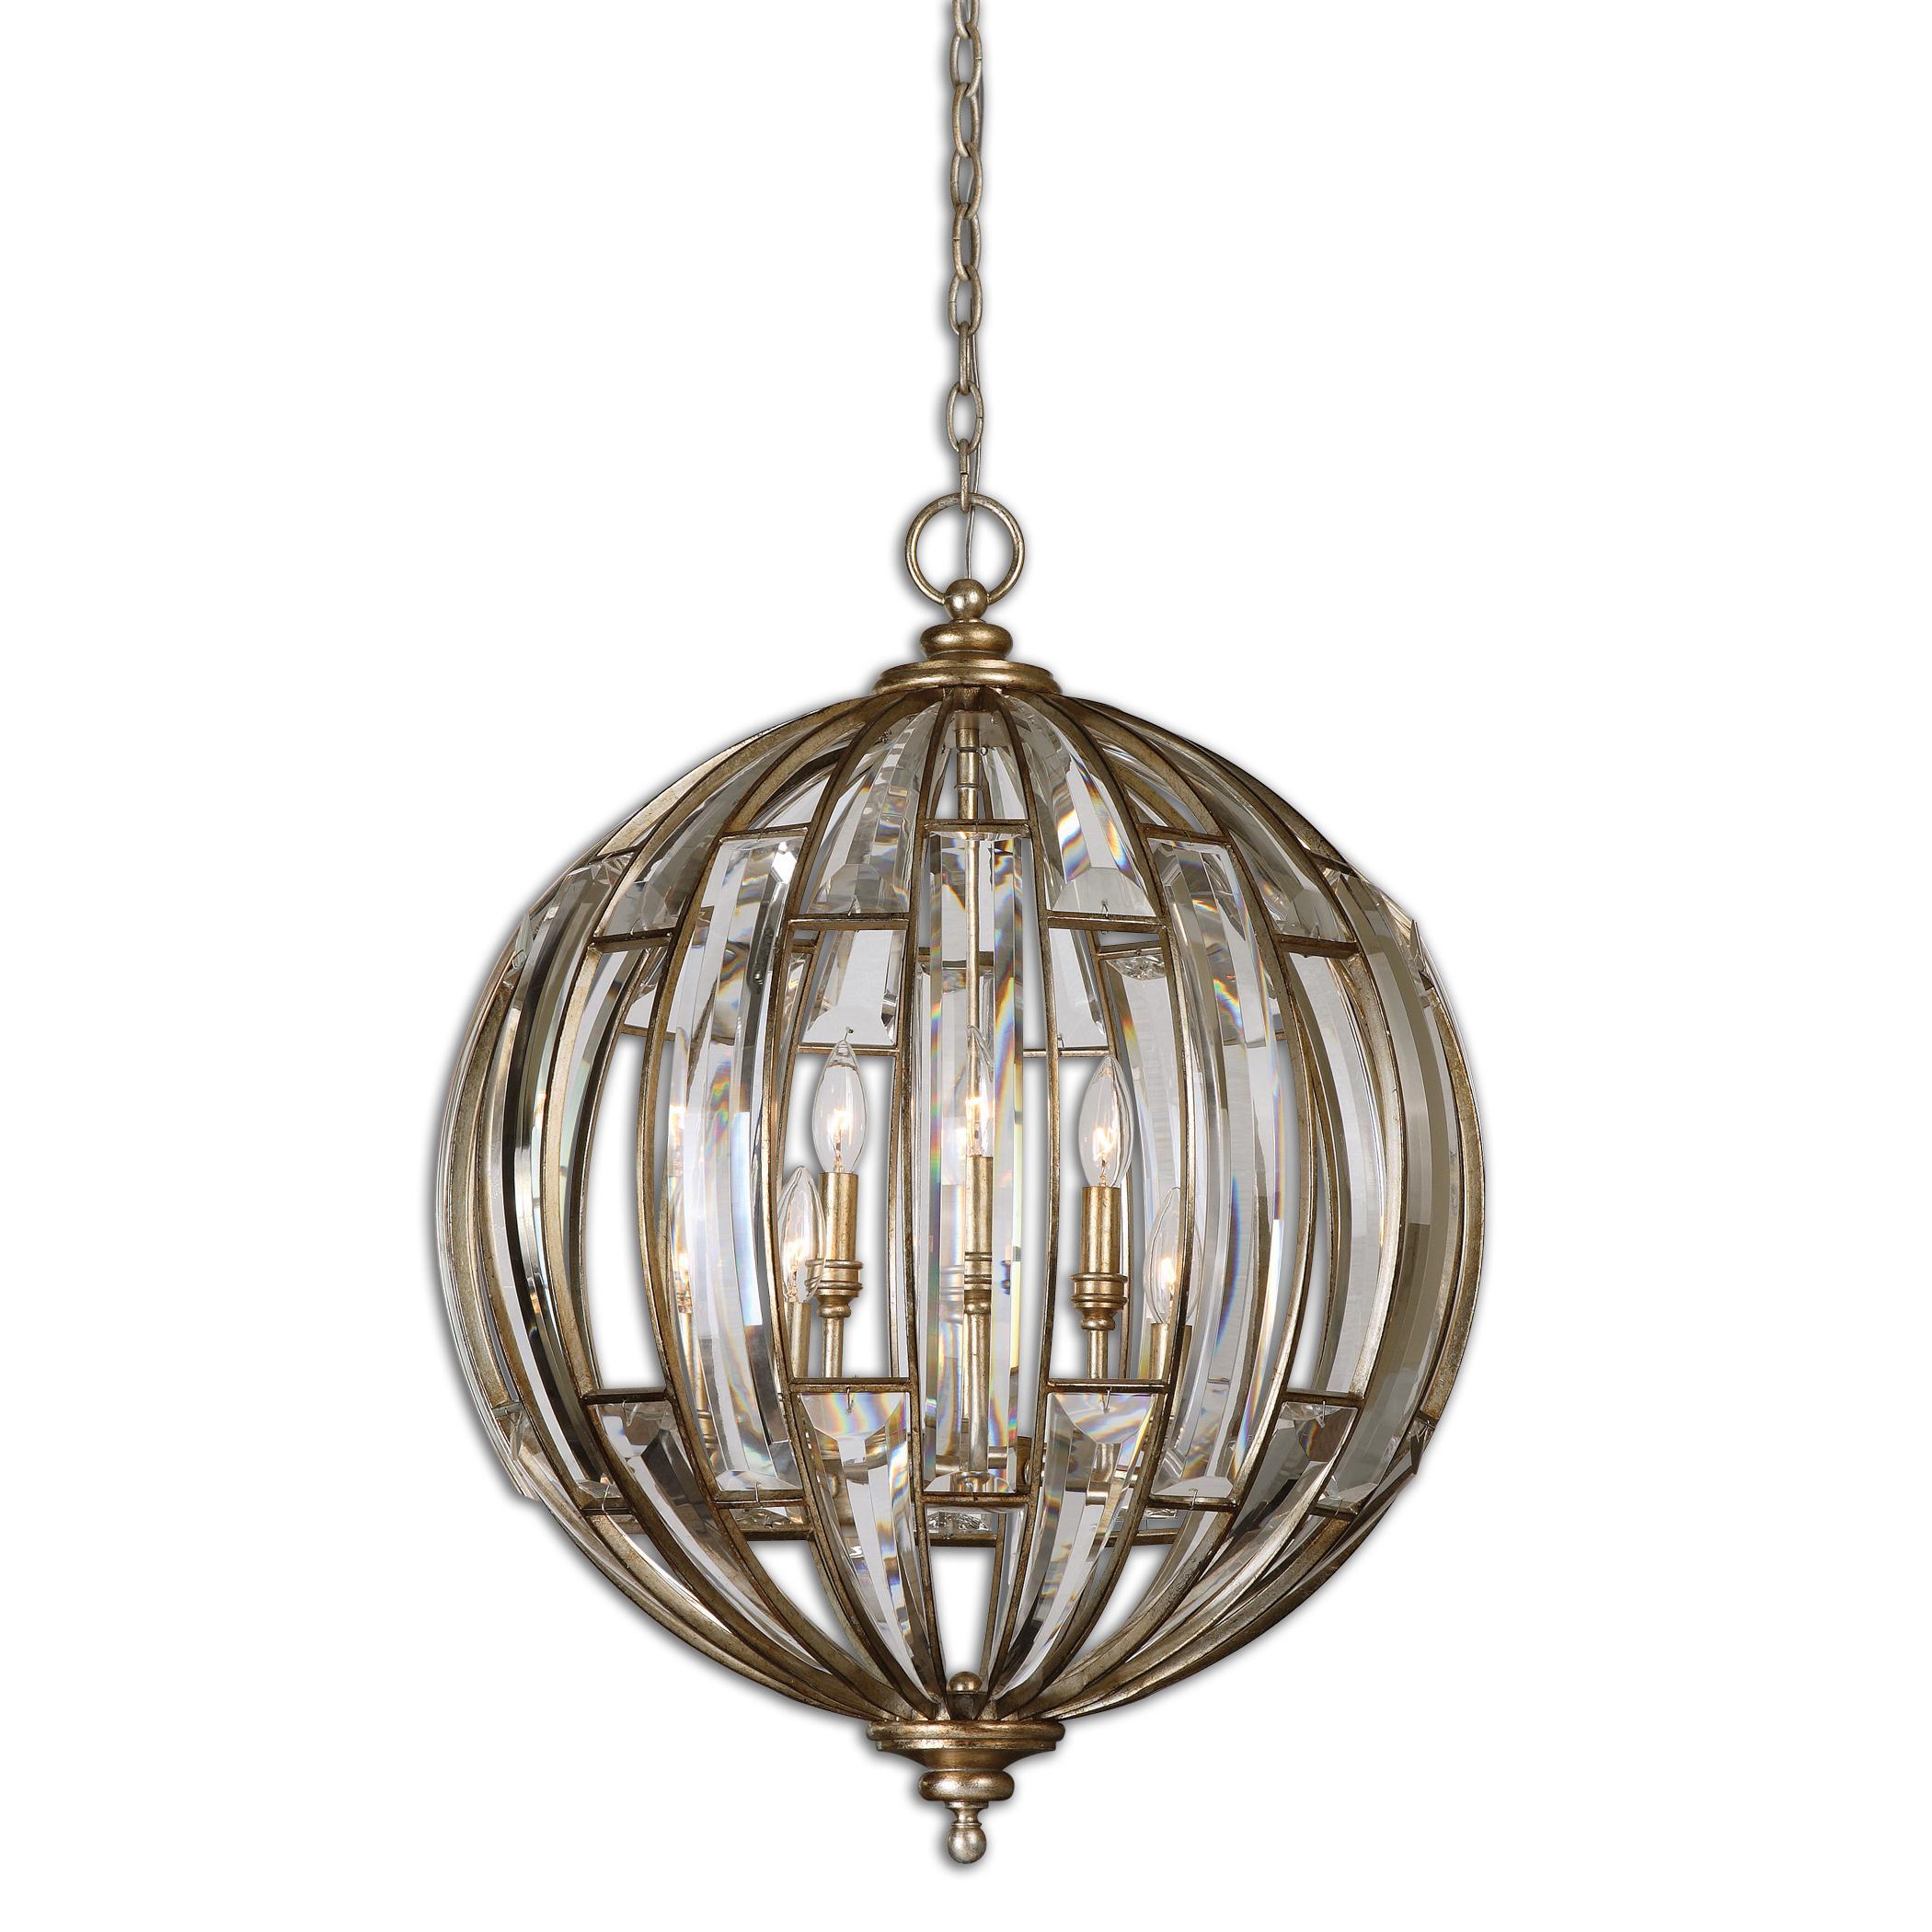 uttermost lighting fixtures uttermost vicentina 6 light sphere pendant furniture pendant light chandelier - Uttermost Lighting